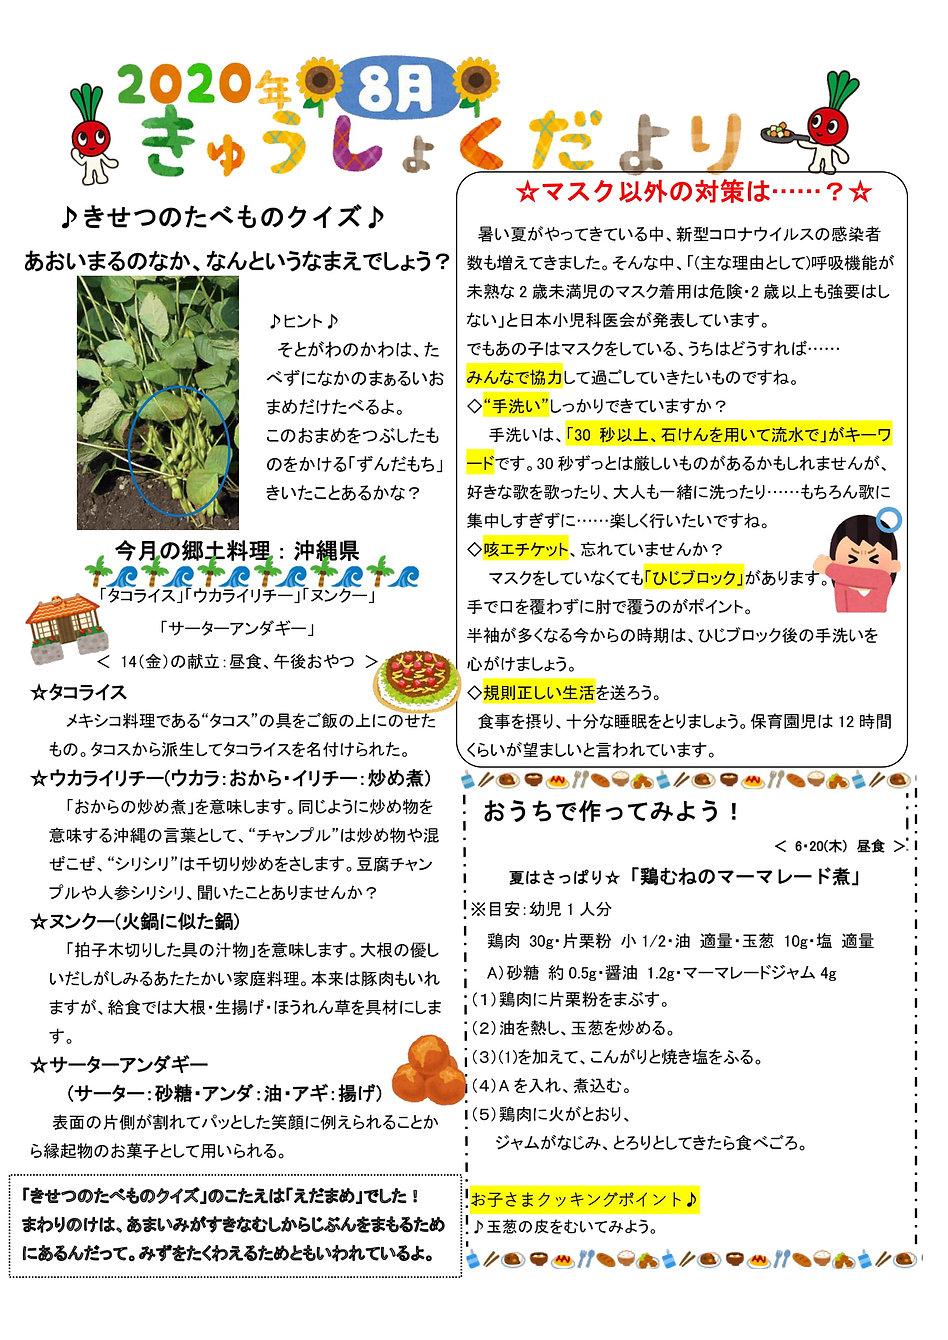 2020蟷エ8譛医????邨ヲ鬟溘□繧医j-1.jpg